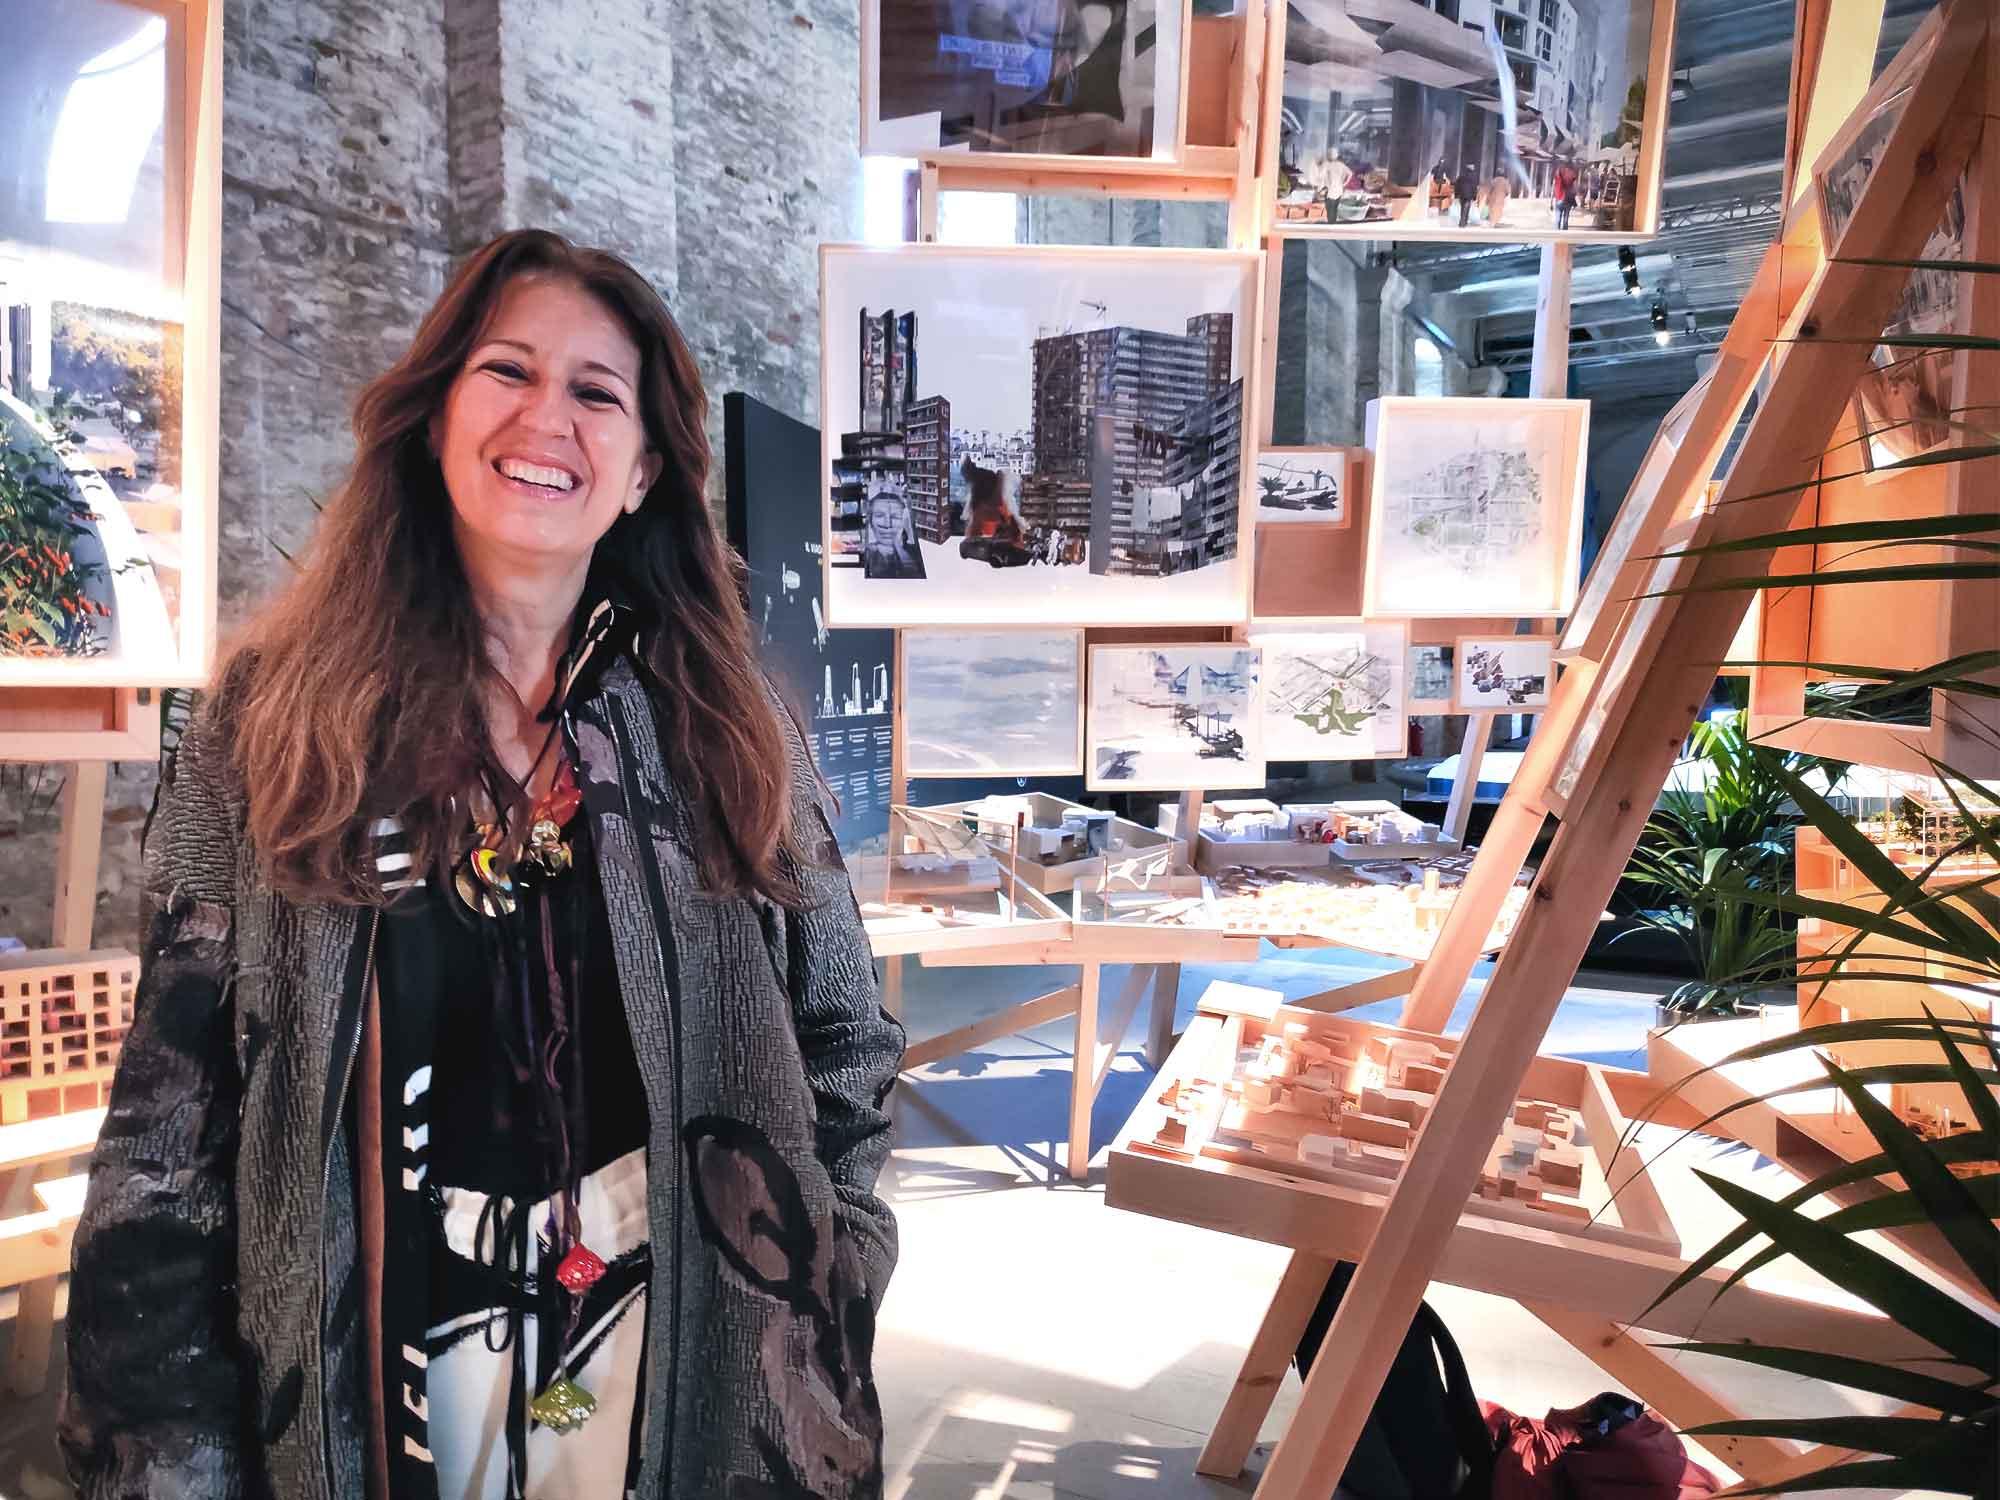 Benedetta Tagliabue alla Biennale, un affascinante incontro